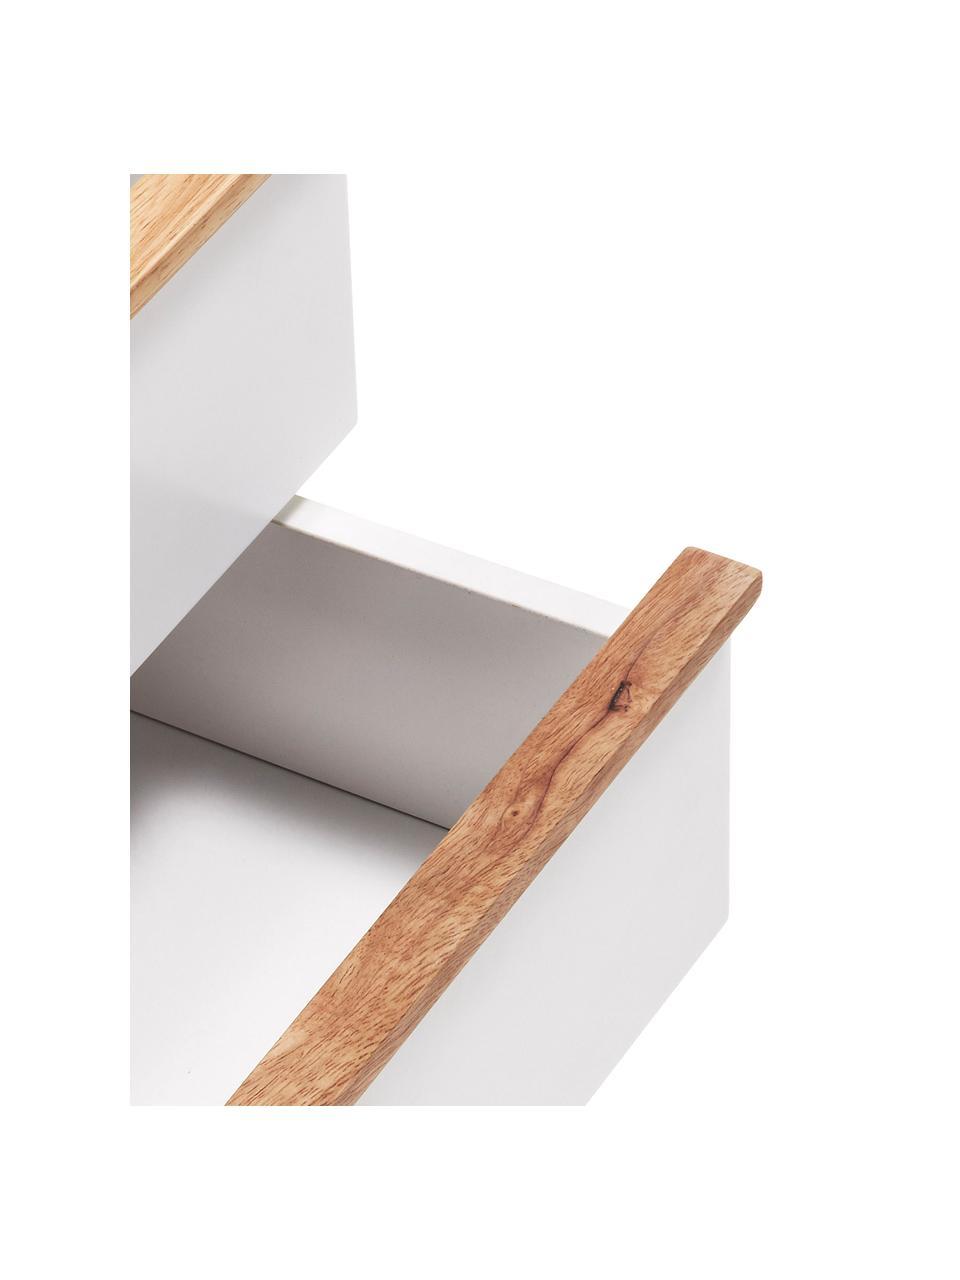 Table de chevet avec tiroir Melan, Blanc, bois de chêne